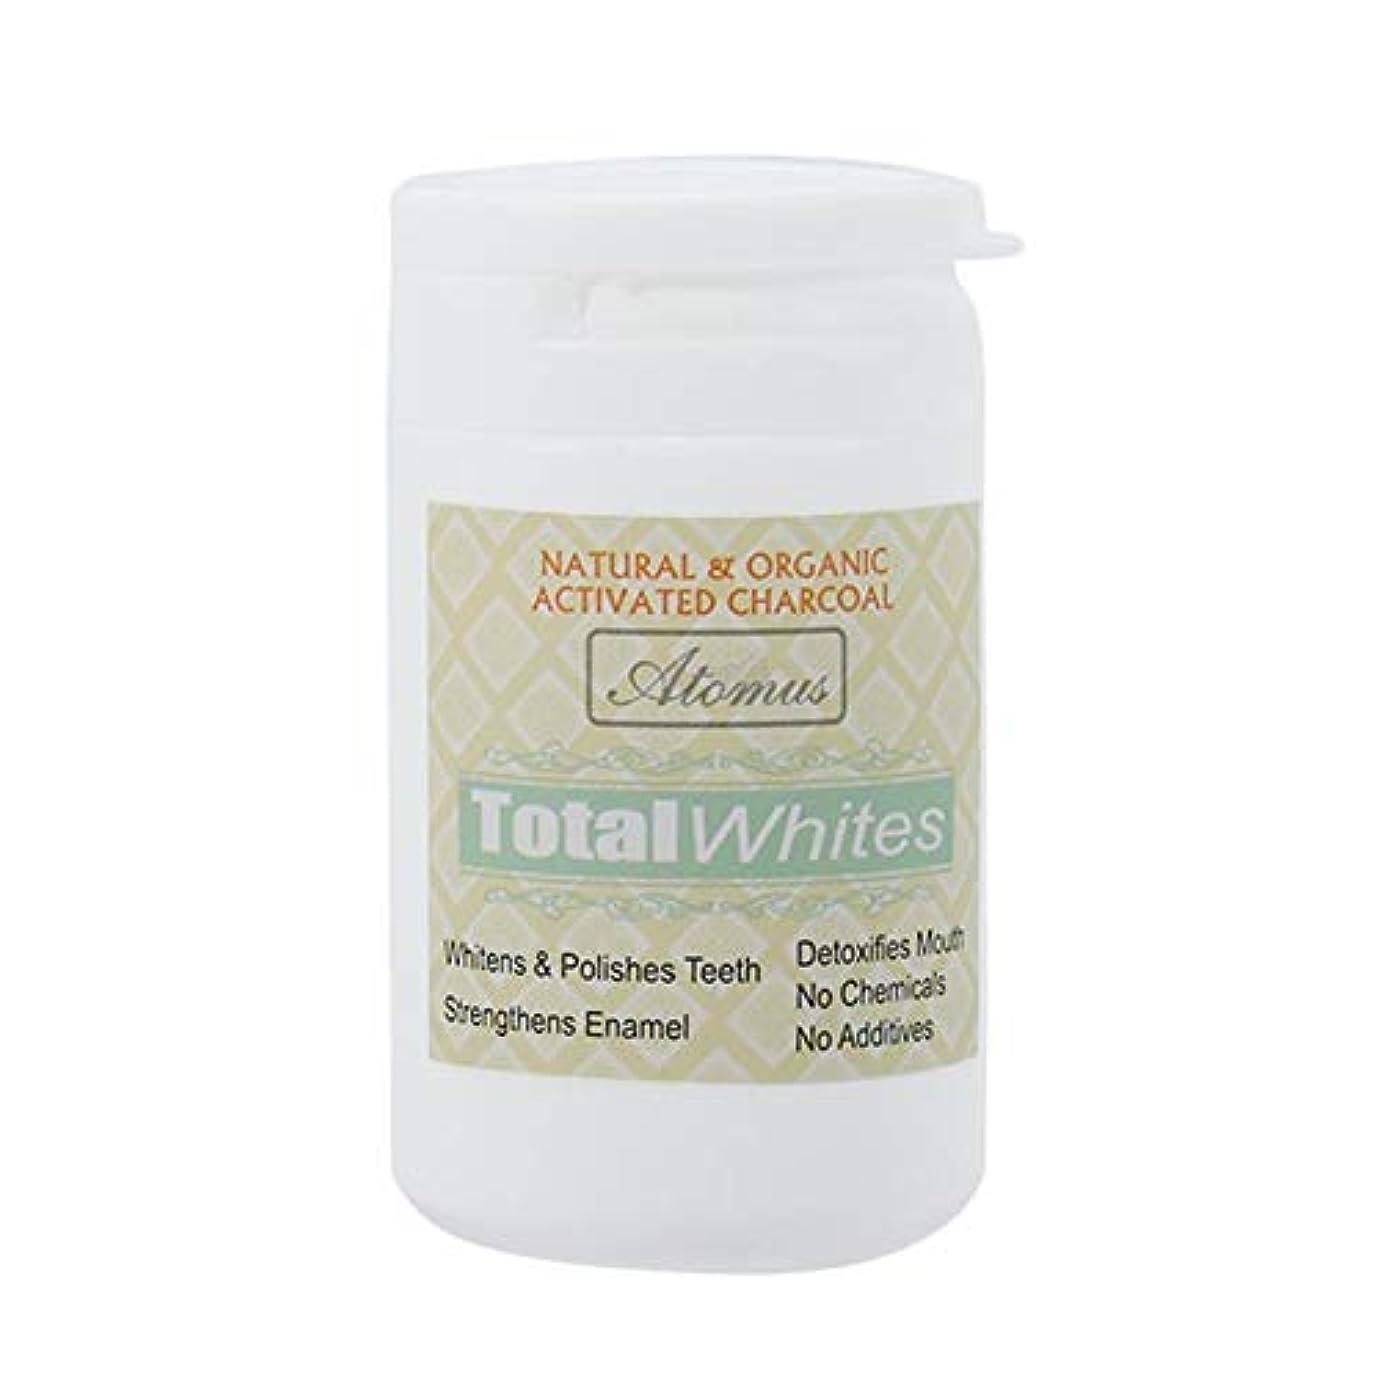 銛驚かす割れ目歯のホワイトニングパウダー、活性炭の歯のホワイトナーパウダー - 有機安全で効果的なホワイトナーの解決策 - ホワイトニングの歯とフレッシュな息